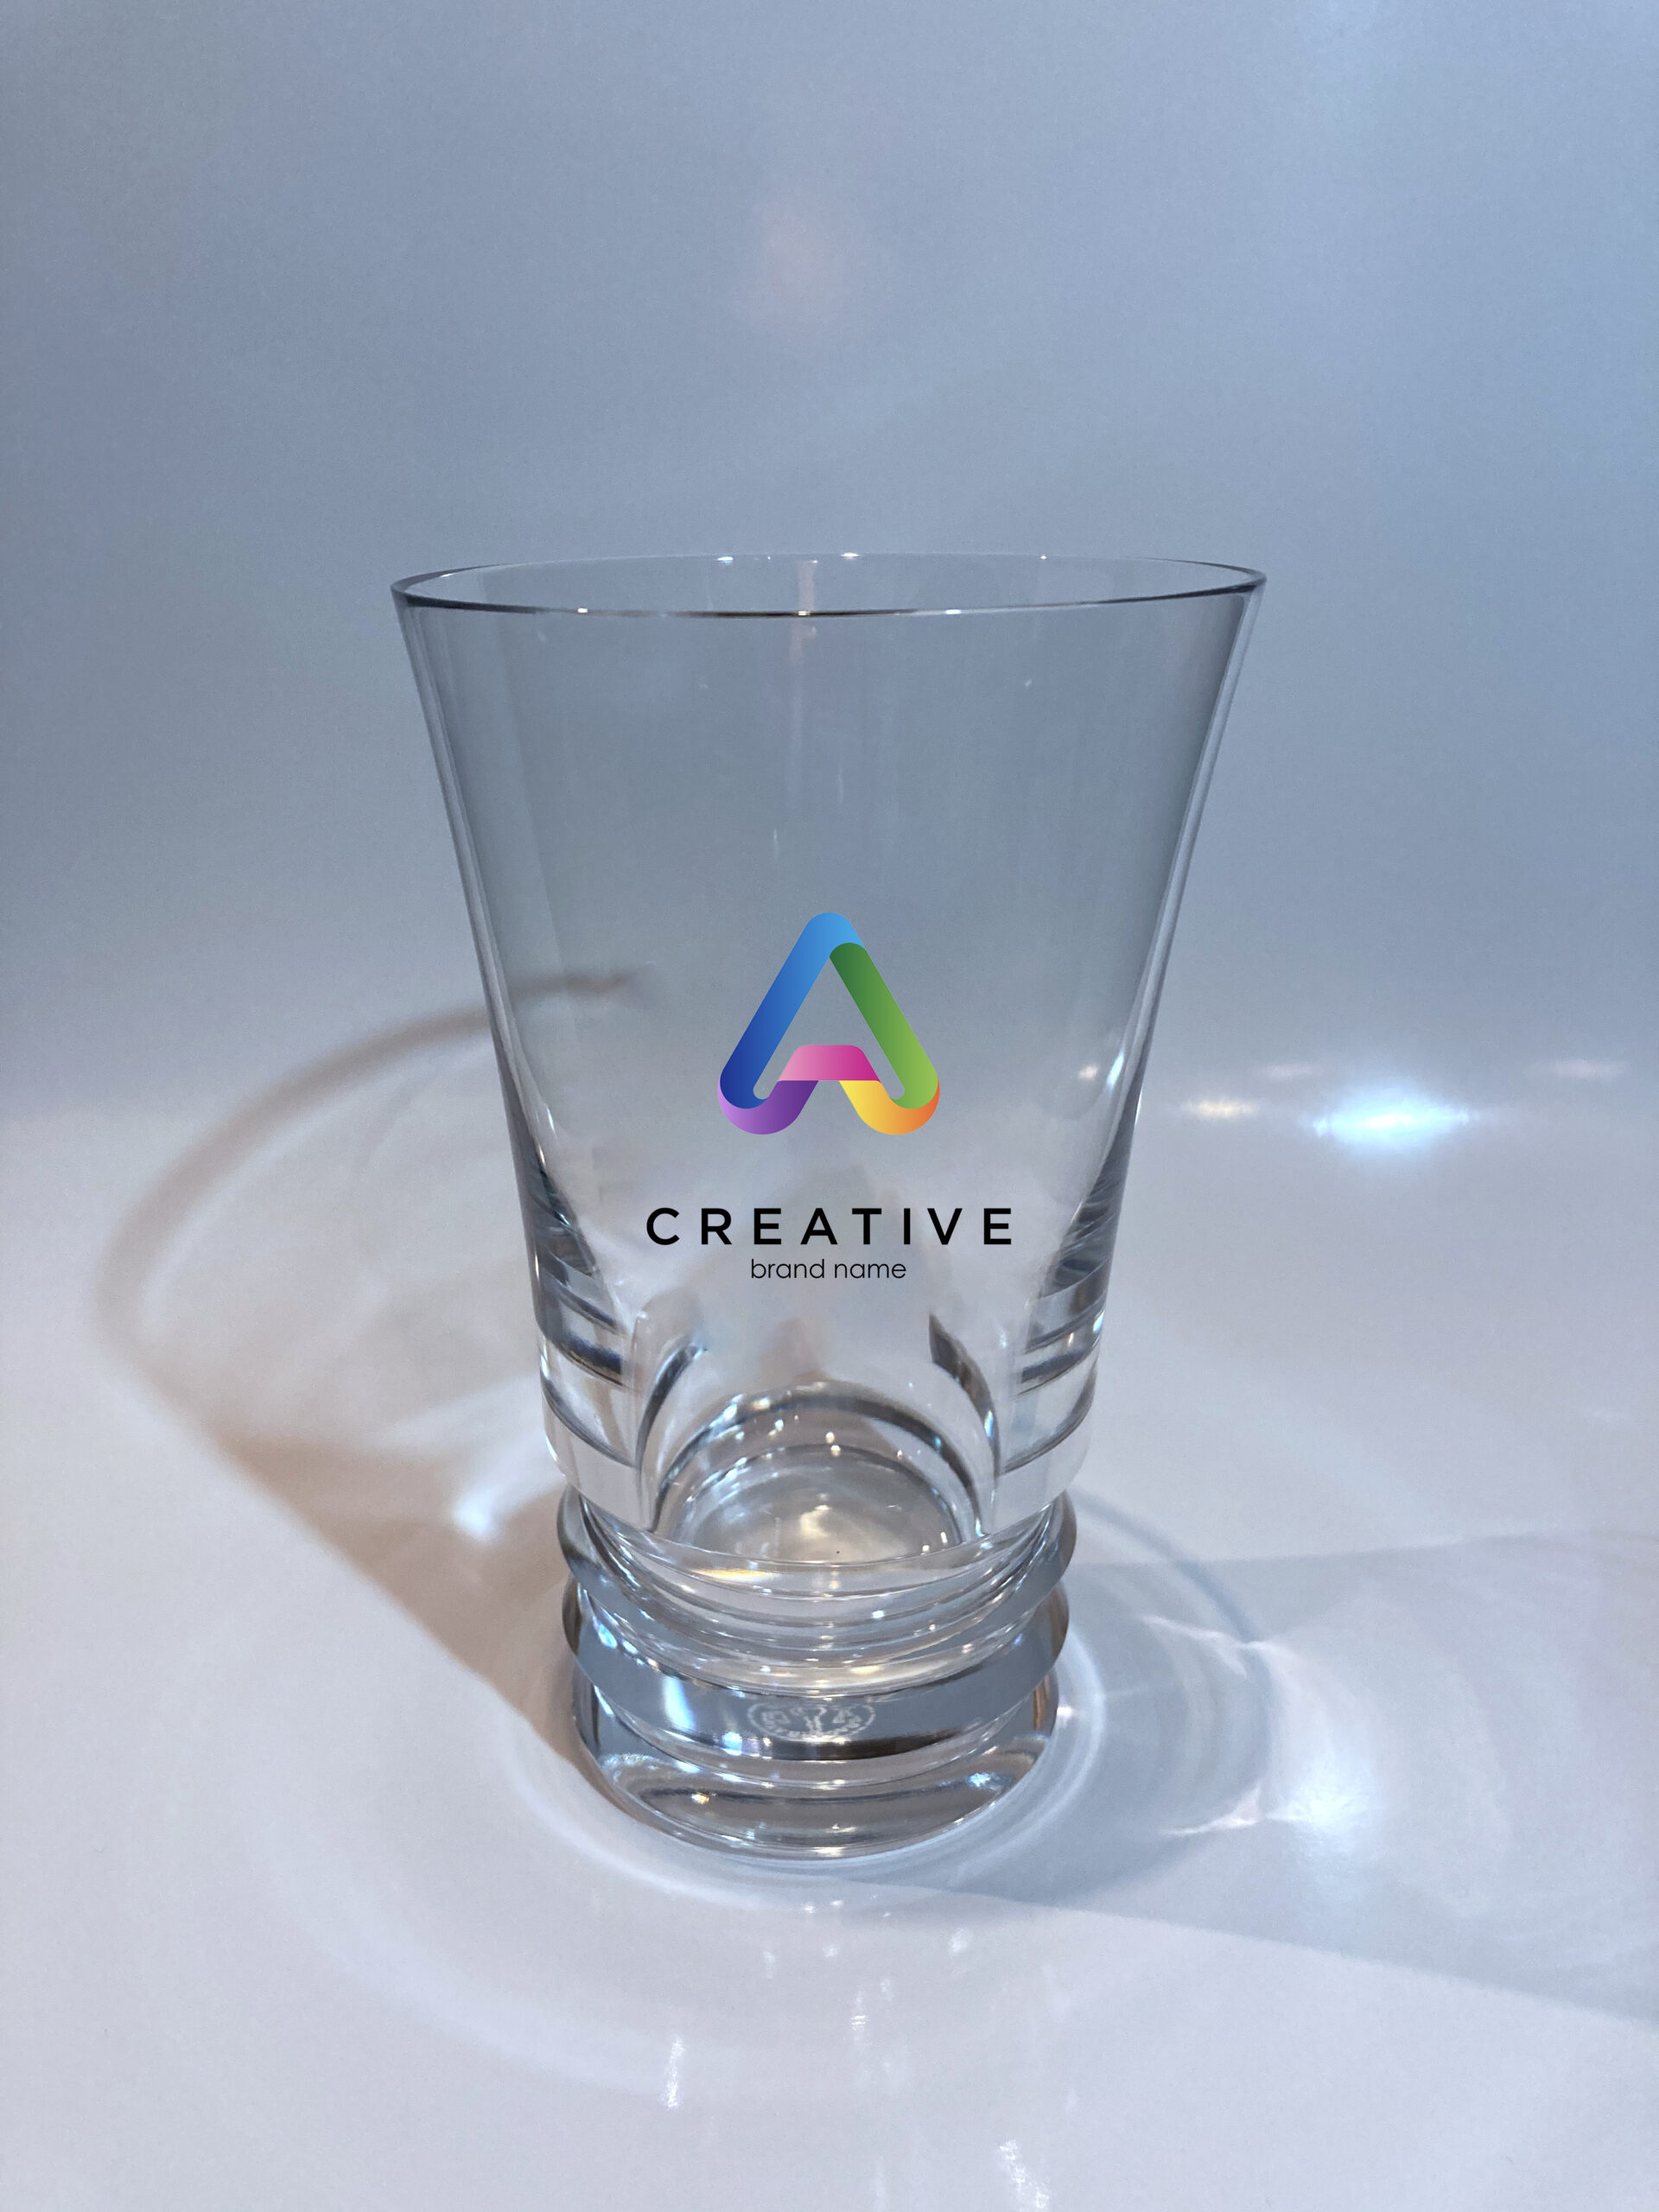 バカラ Baccarat グラス フルカラー 印刷 Laxerop Printing